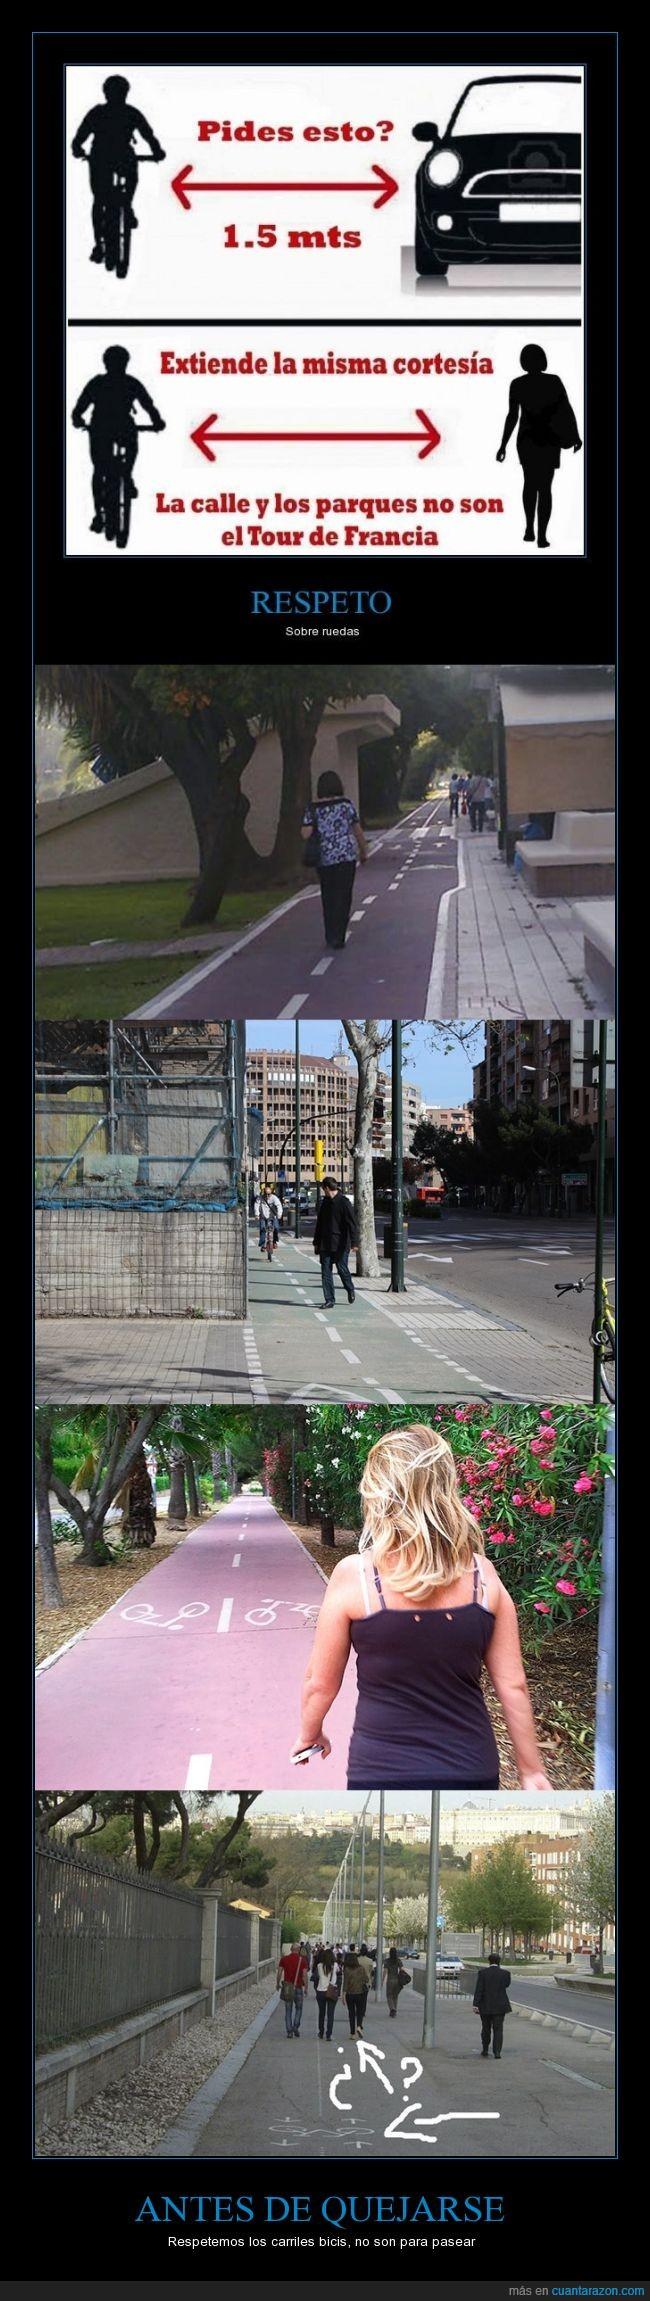 bici,bicicleta,caminar,carril,pasear,paseo,peaton,respeto,señora,transeunte